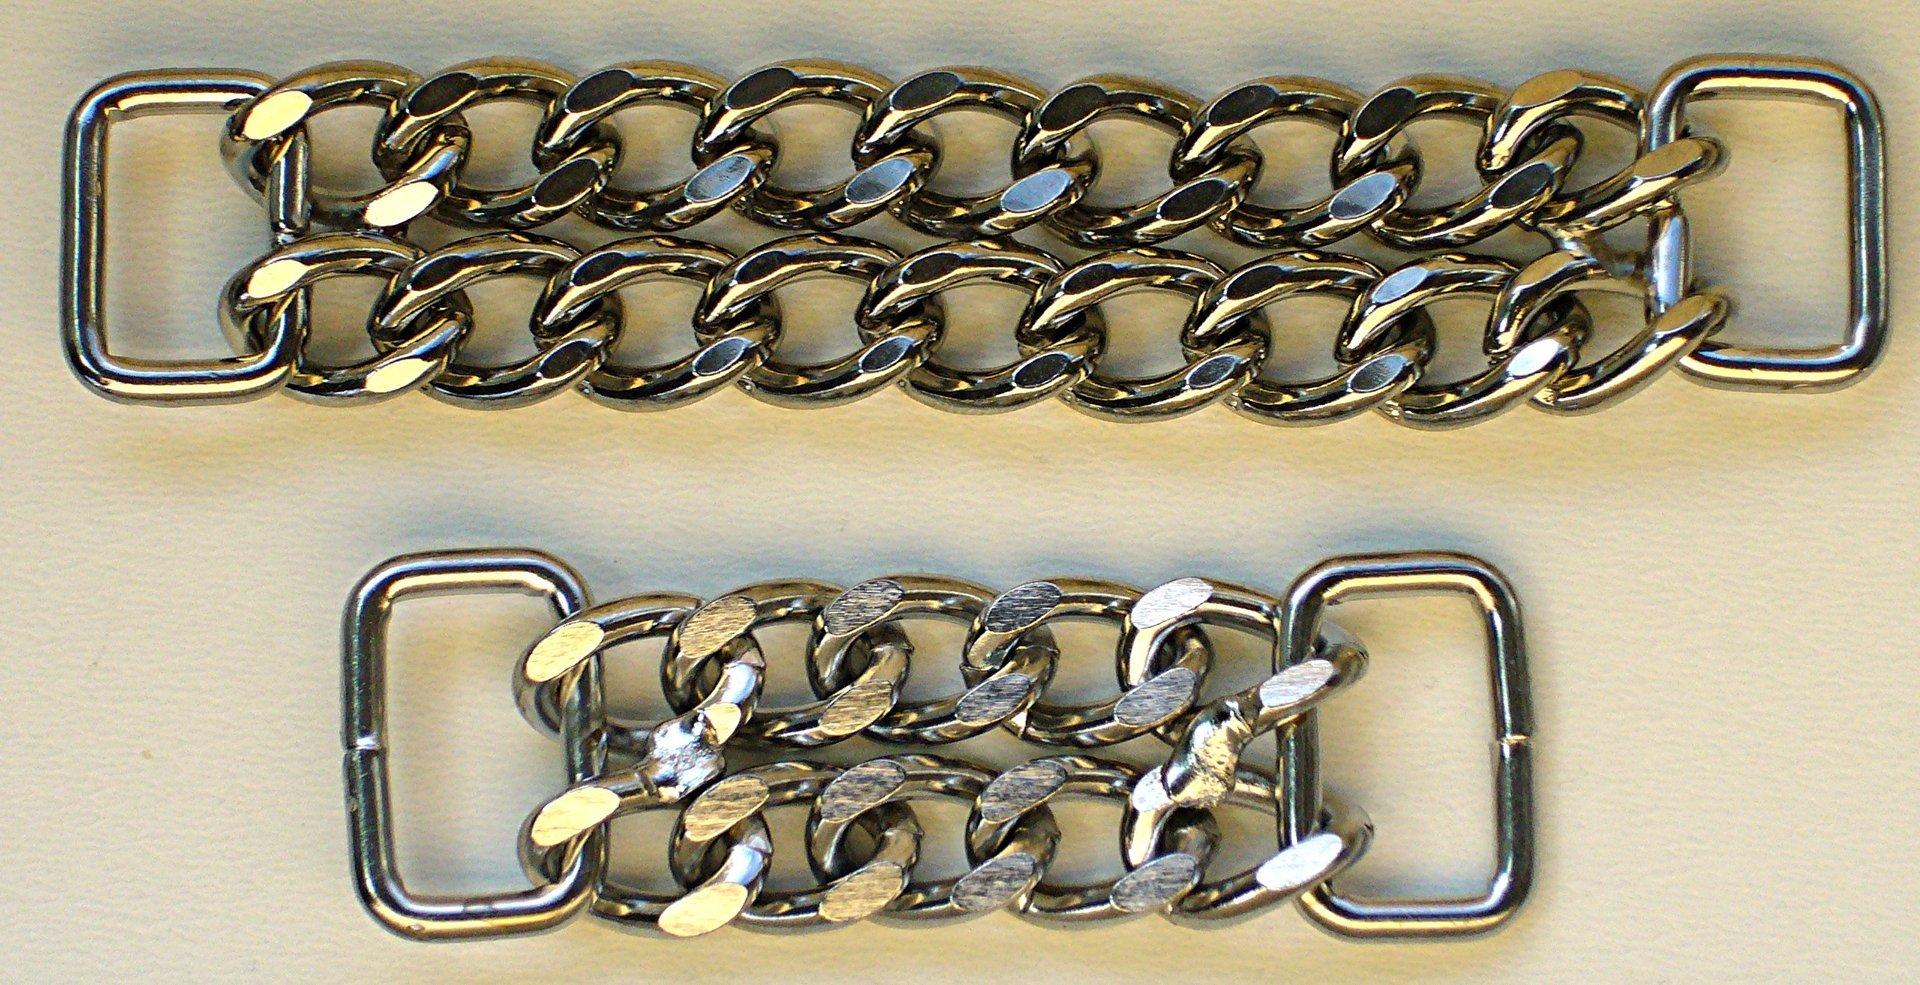 1 6 Bündel Holographische Lametta Kristall String Jig Köder-Angeln Haken X5K7